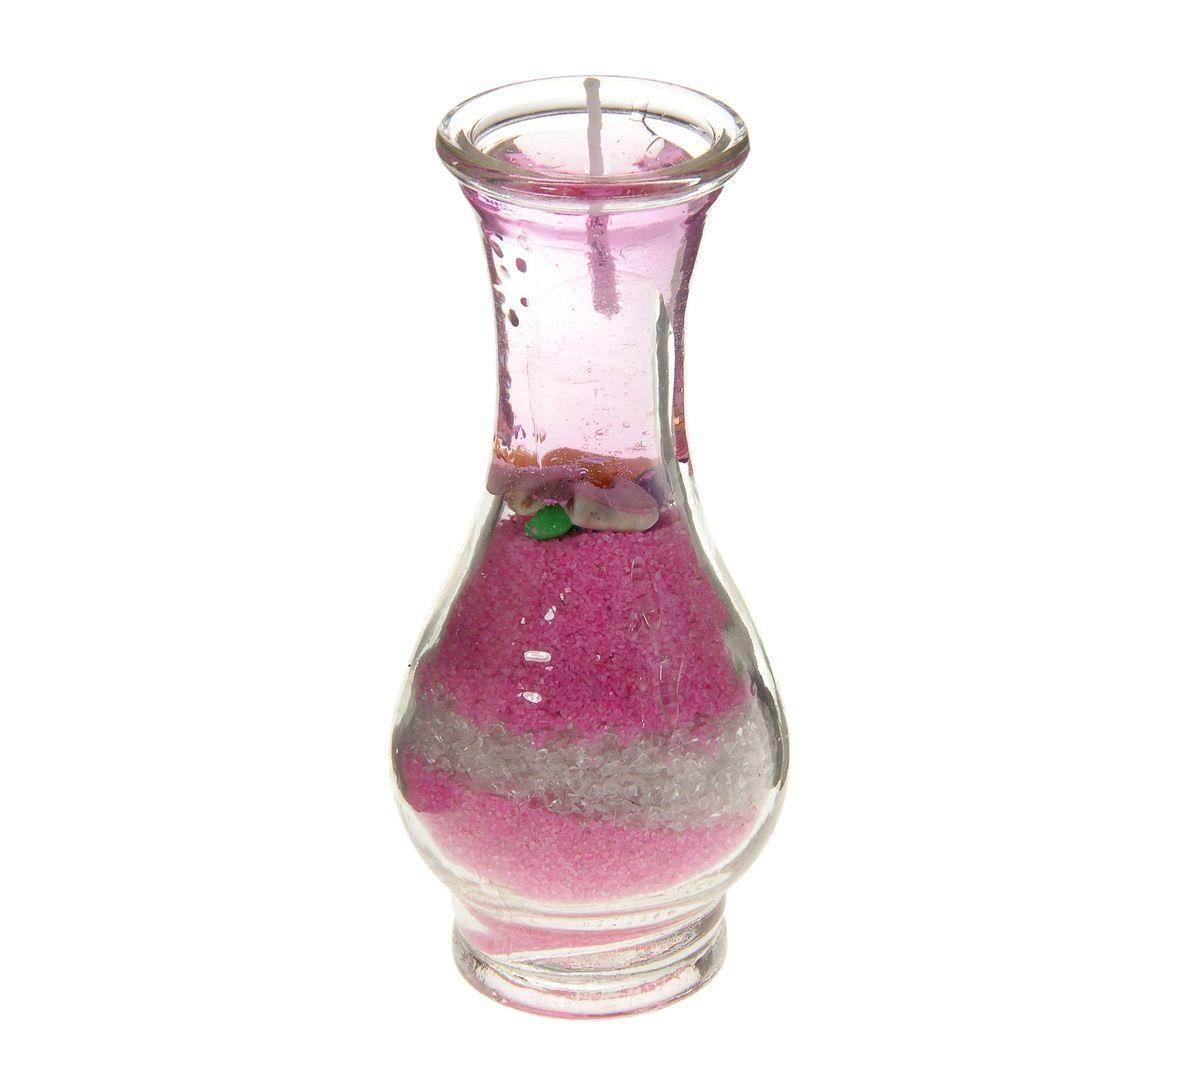 Свеча декоративная Sima-land Ваза с песком, цвет: розовый, высота 11 см182342Свеча Sima-land Ваза с песком изготовлена из геля и расположена в подсвечнике, выполненном в виде стеклянной вазы, которая наполнена цветным песком. Изделие отличается оригинальным дизайном. Такая свеча может стать отличным подарком, а так же создаст незабываемую атмосферу уюта в вашем доме.